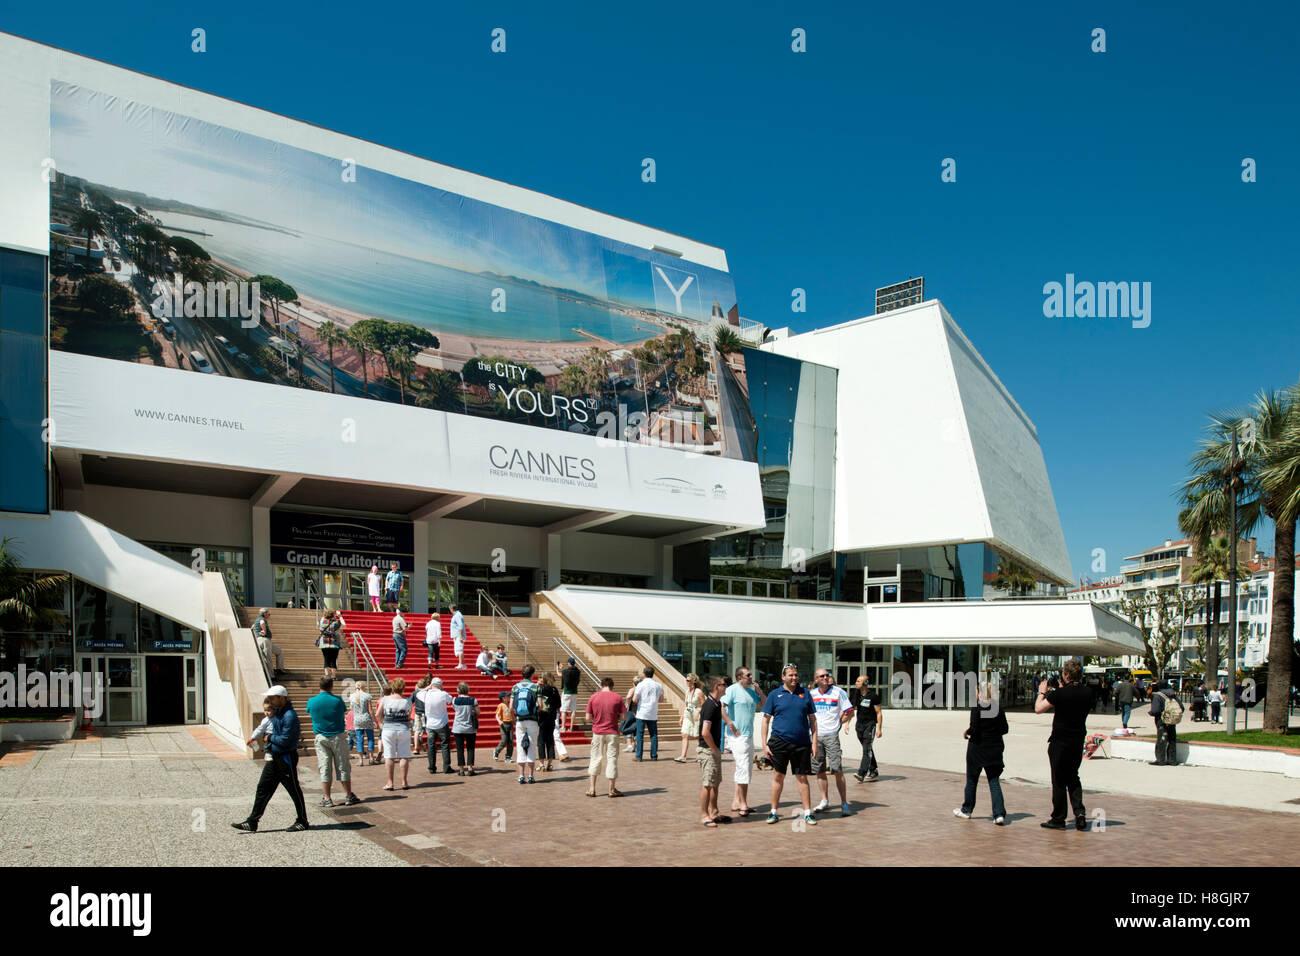 Frankreich, Cote d ' Azur, Cannes, sterben Internationalen Filmfestspielen Finden Im Palais des Festivals Statt. Stockfoto